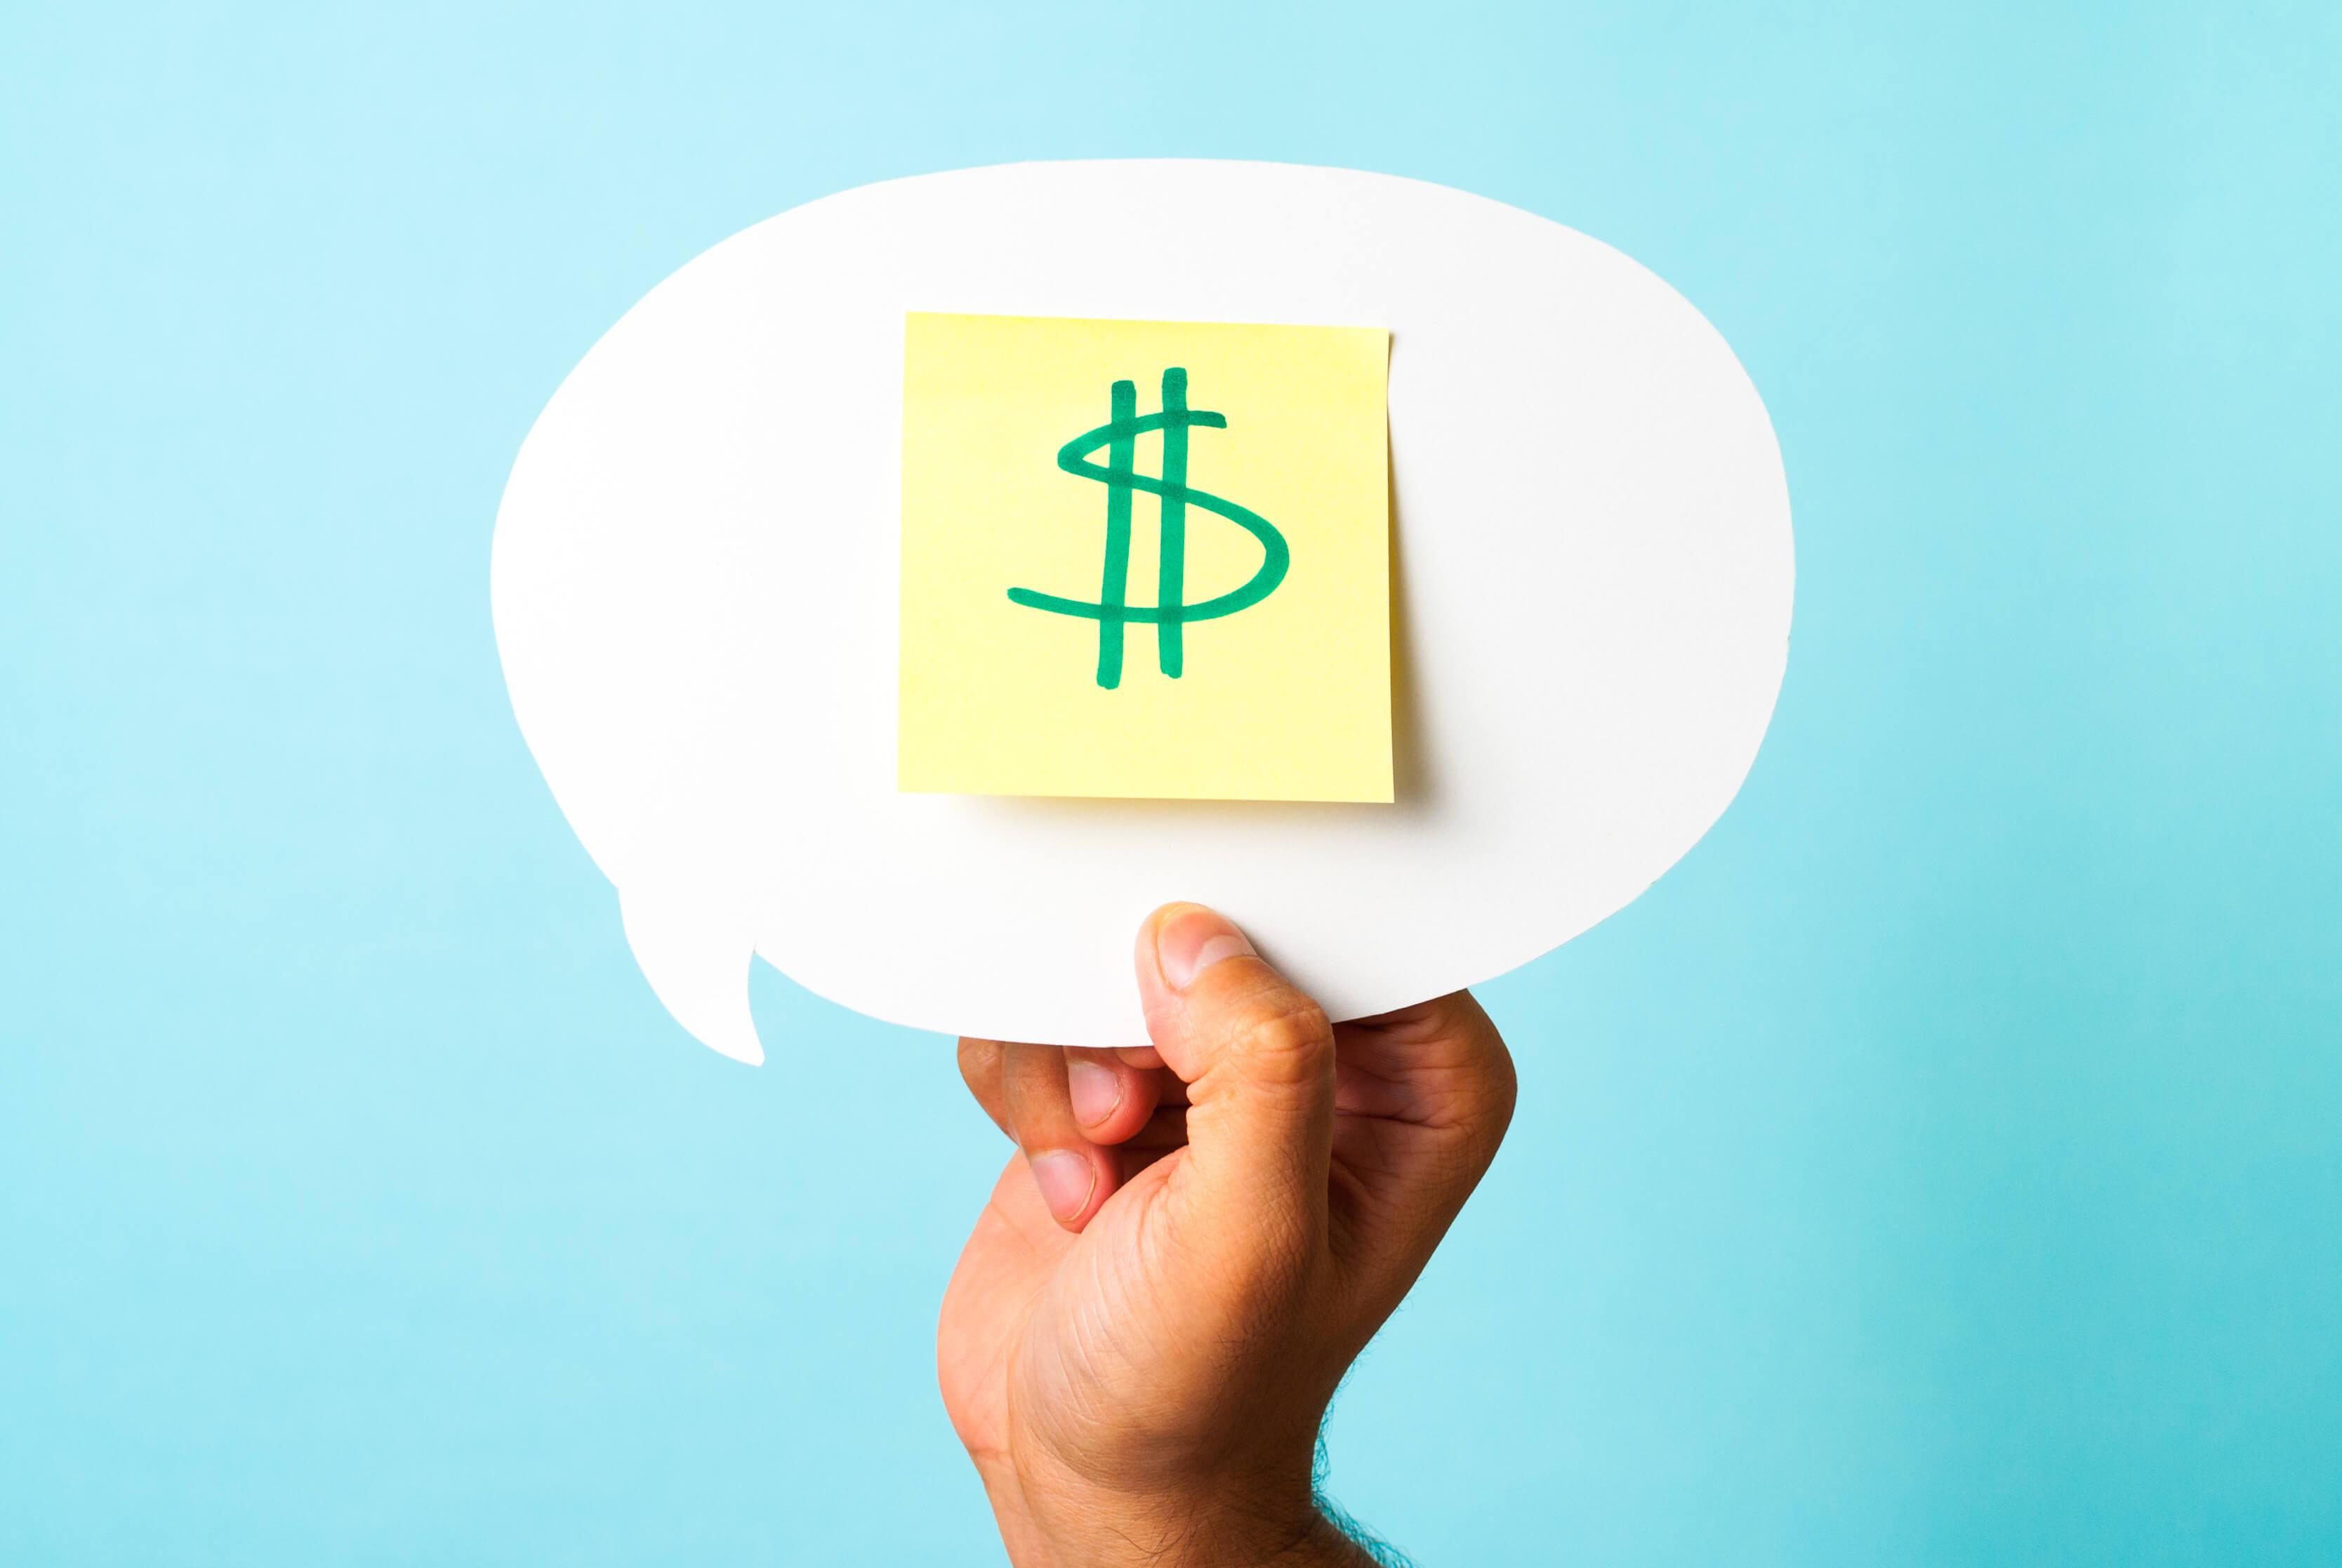 ツイッターは広告収入などで稼げるのか?